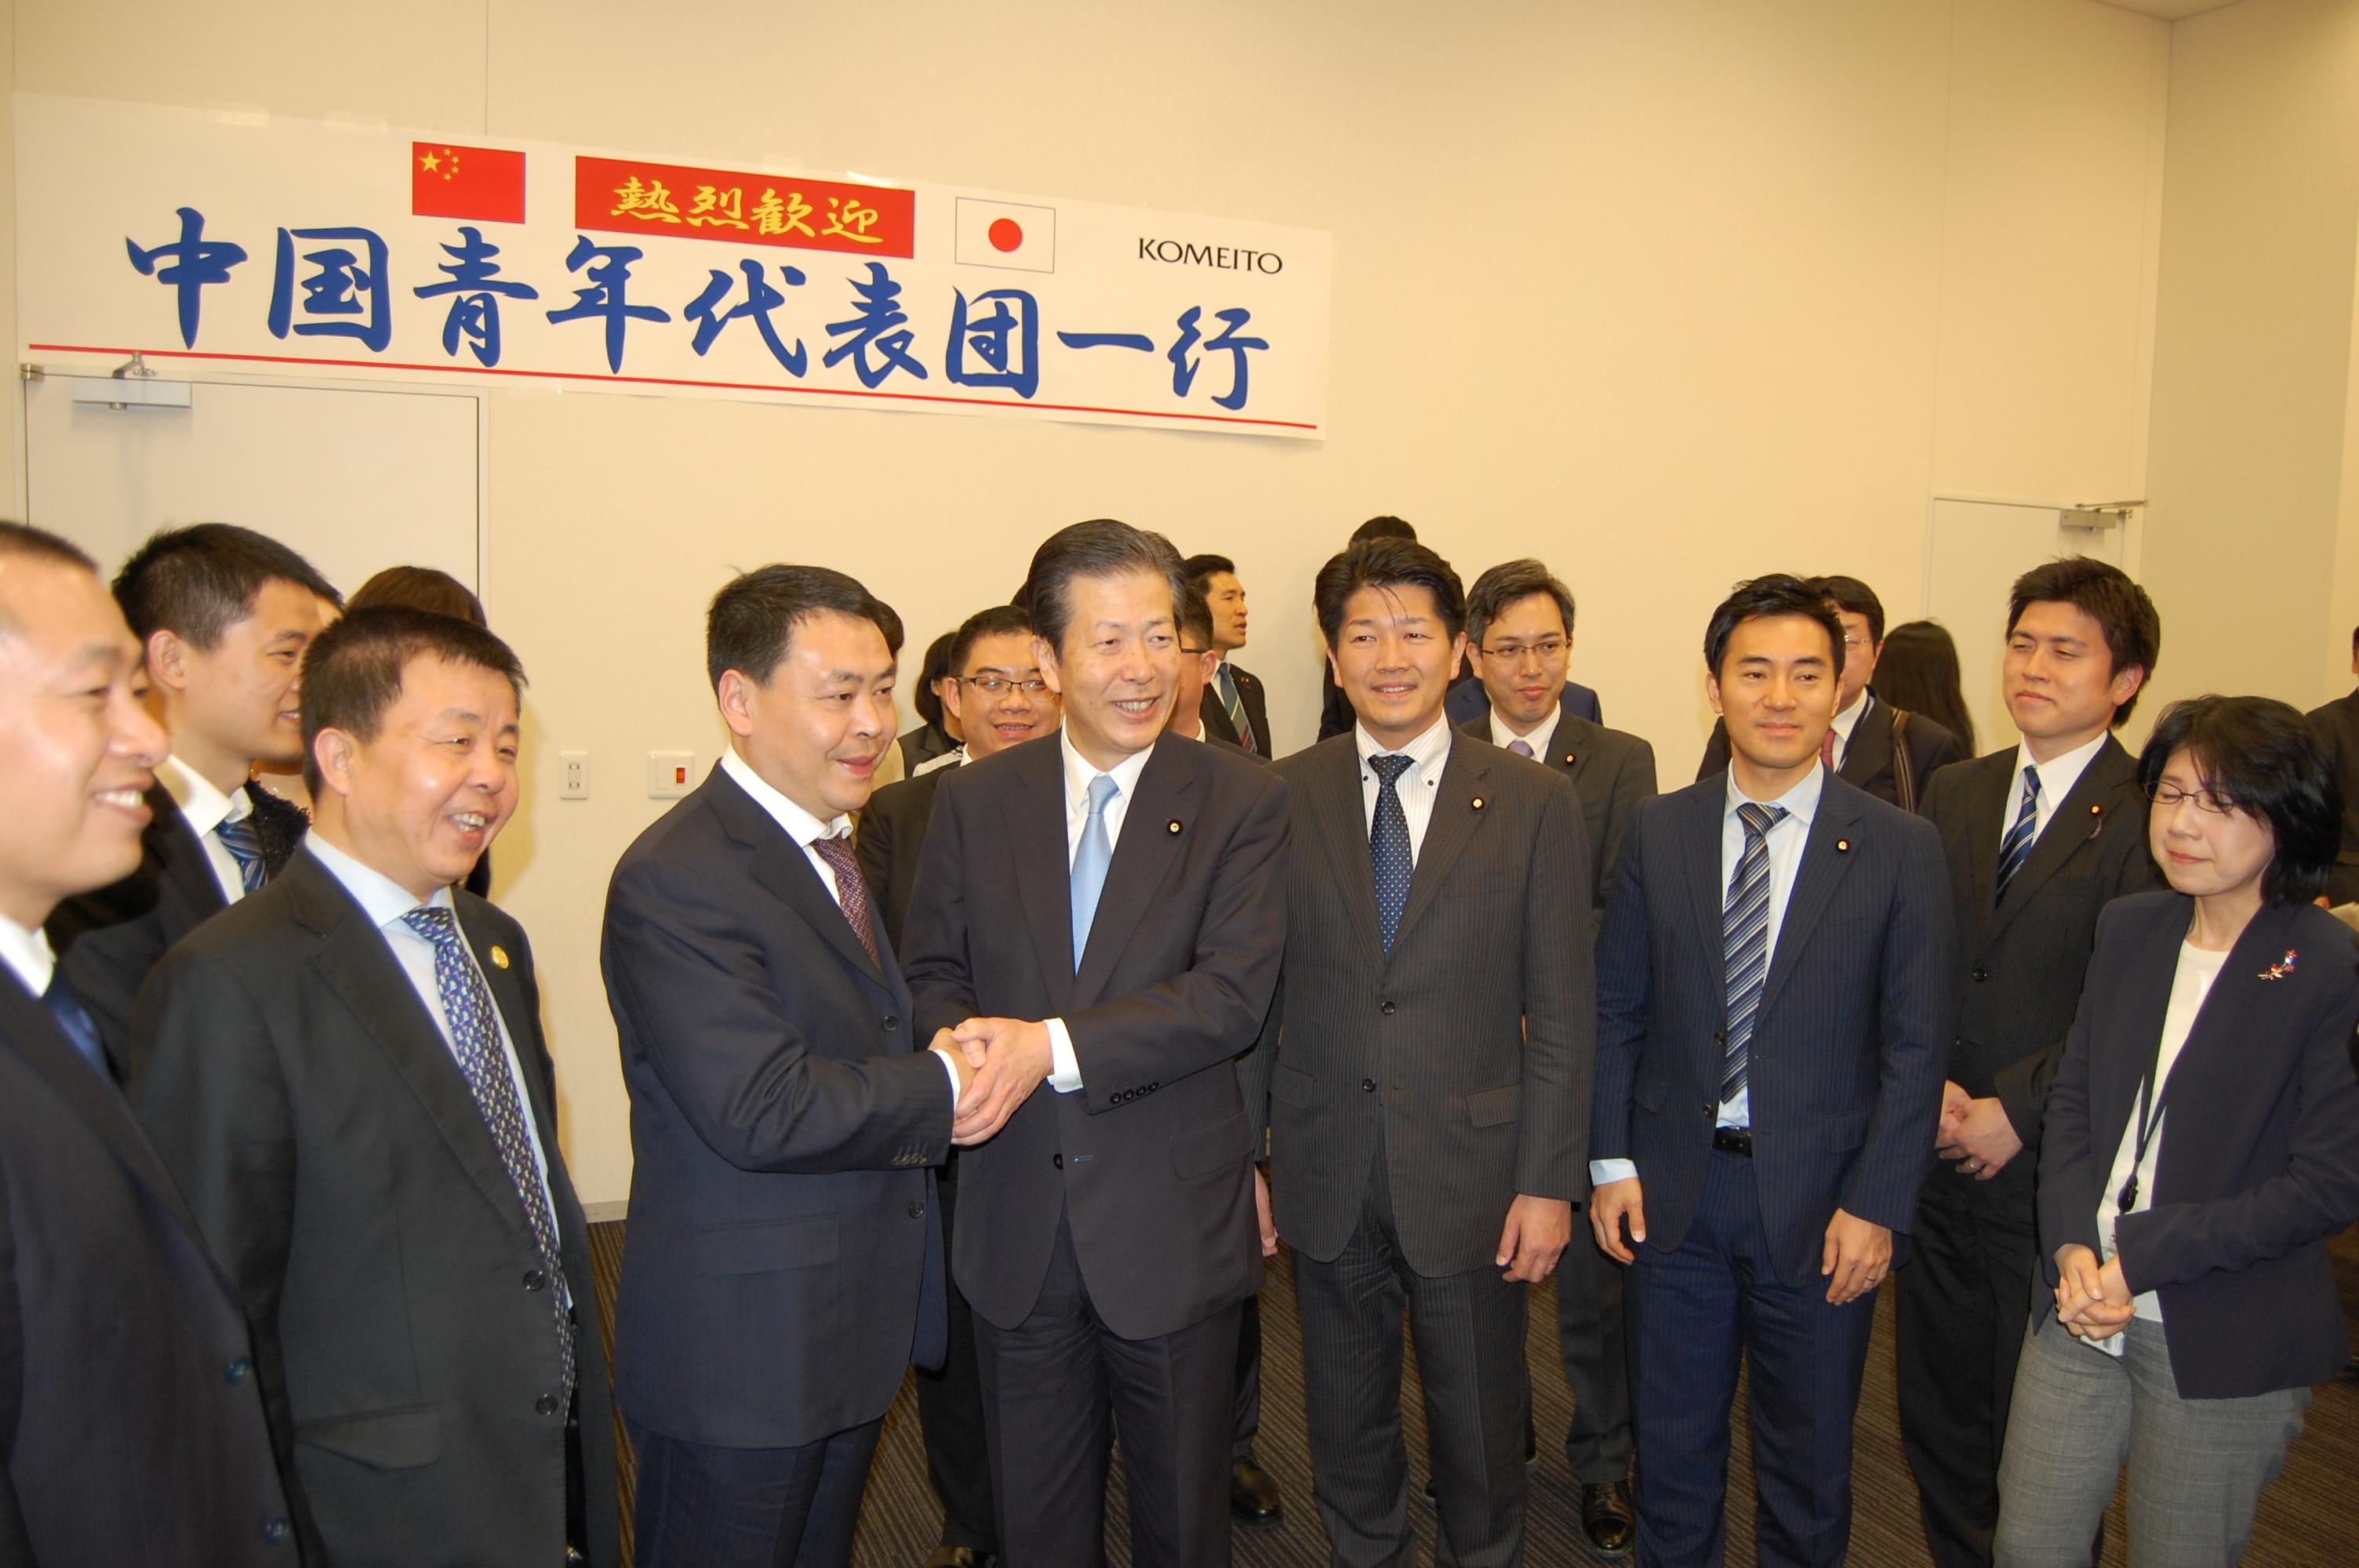 中国青年代表団の皆様と懇談会